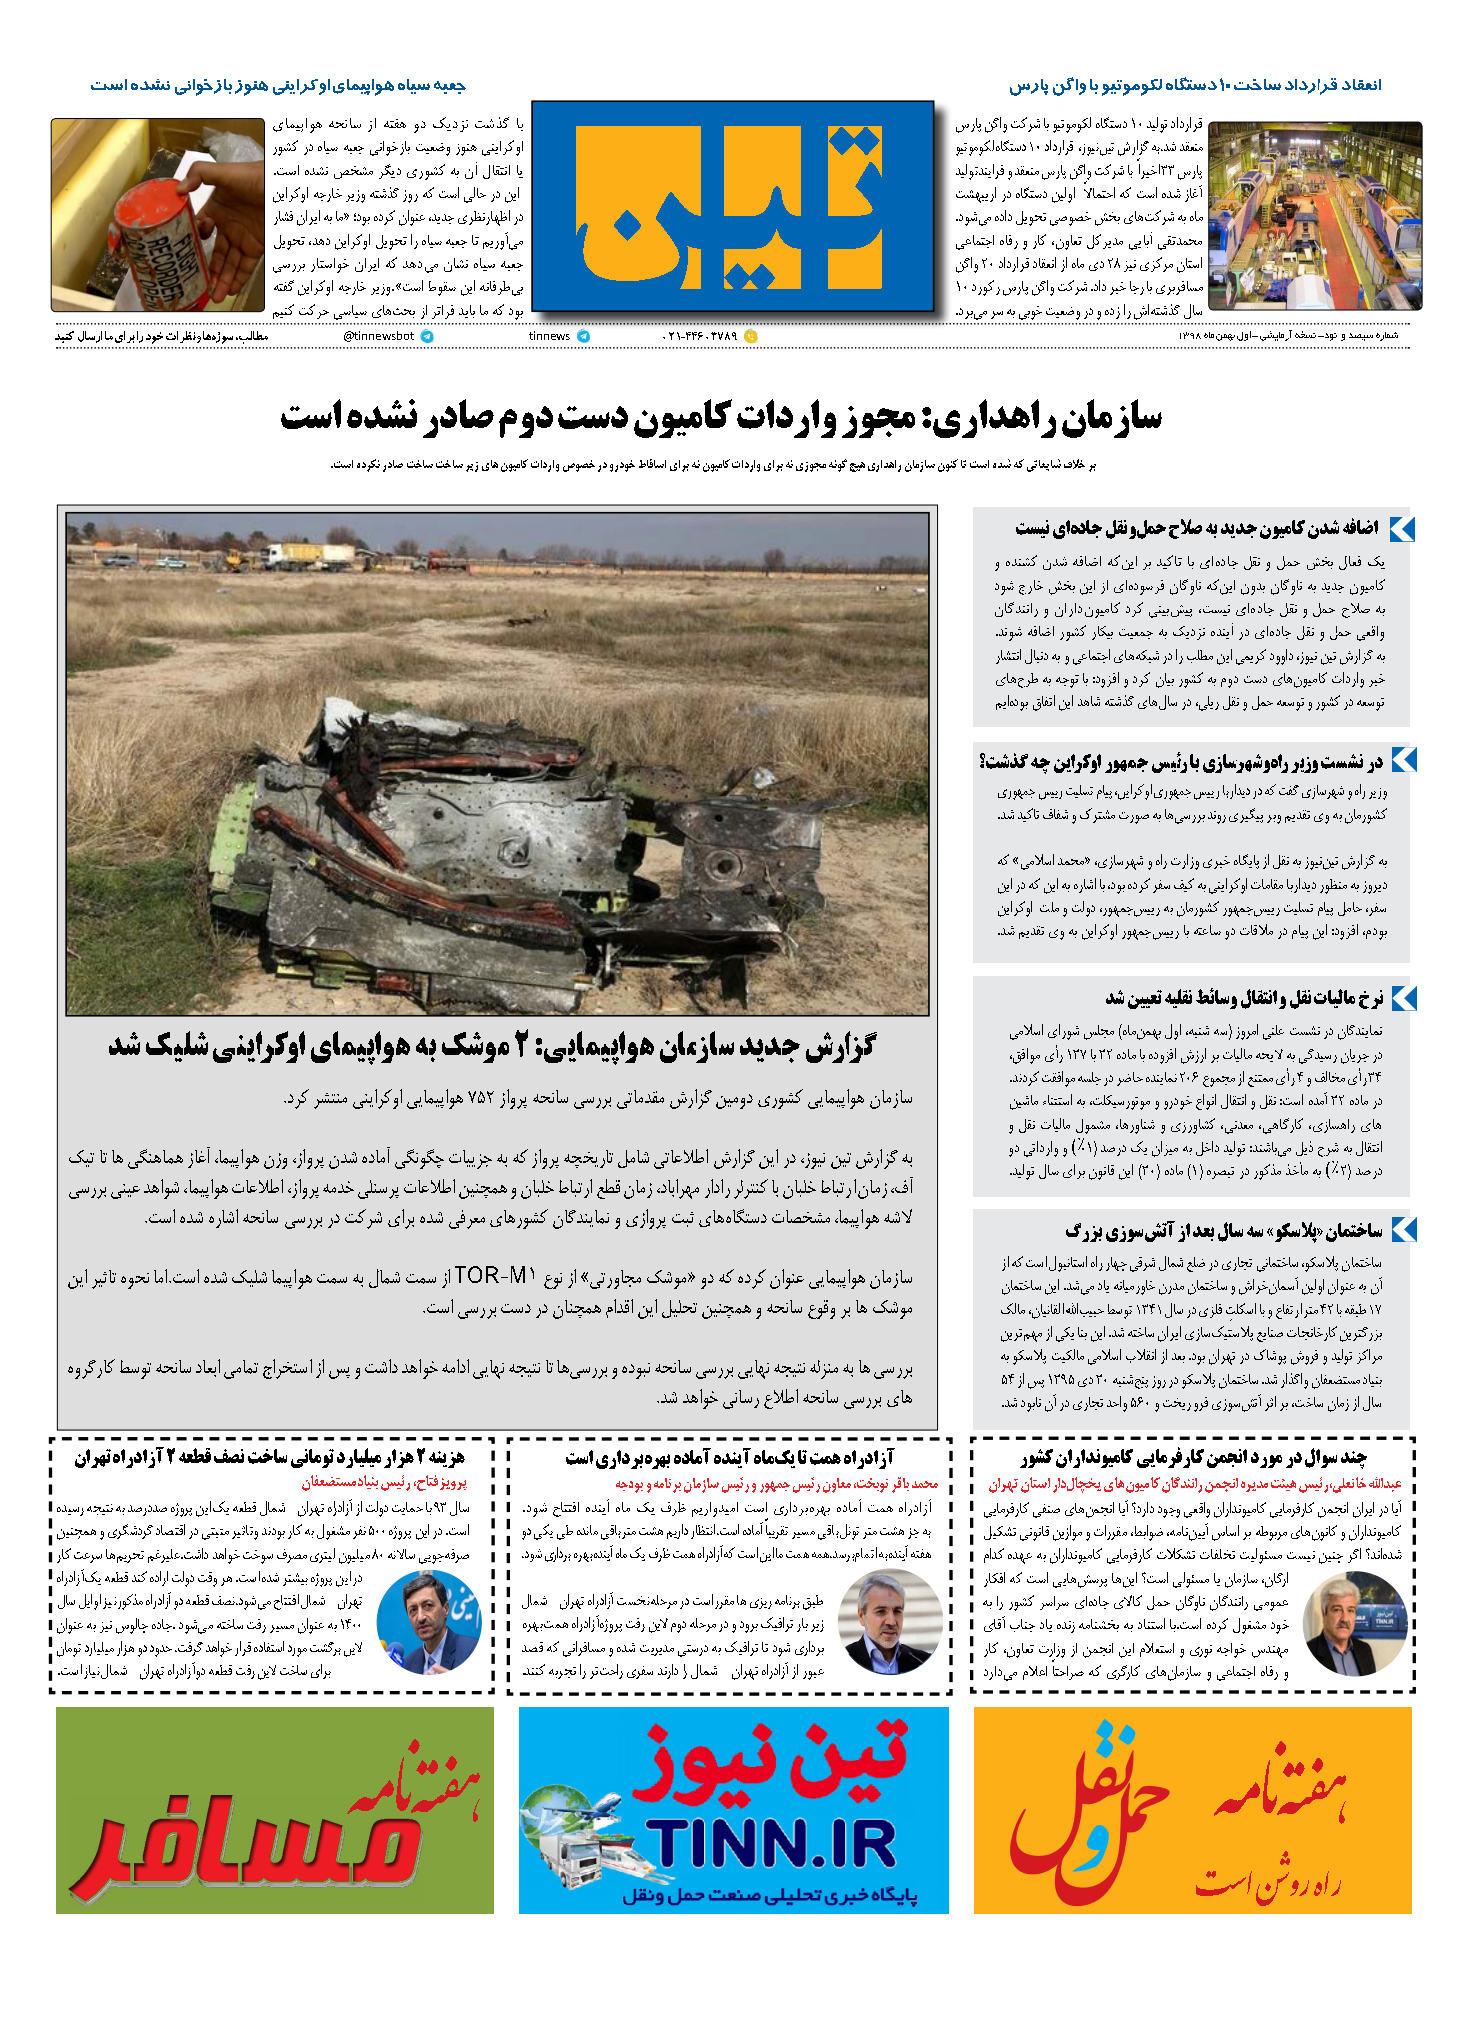 روزنامه الکترونیک 1 بهمن ماه 98